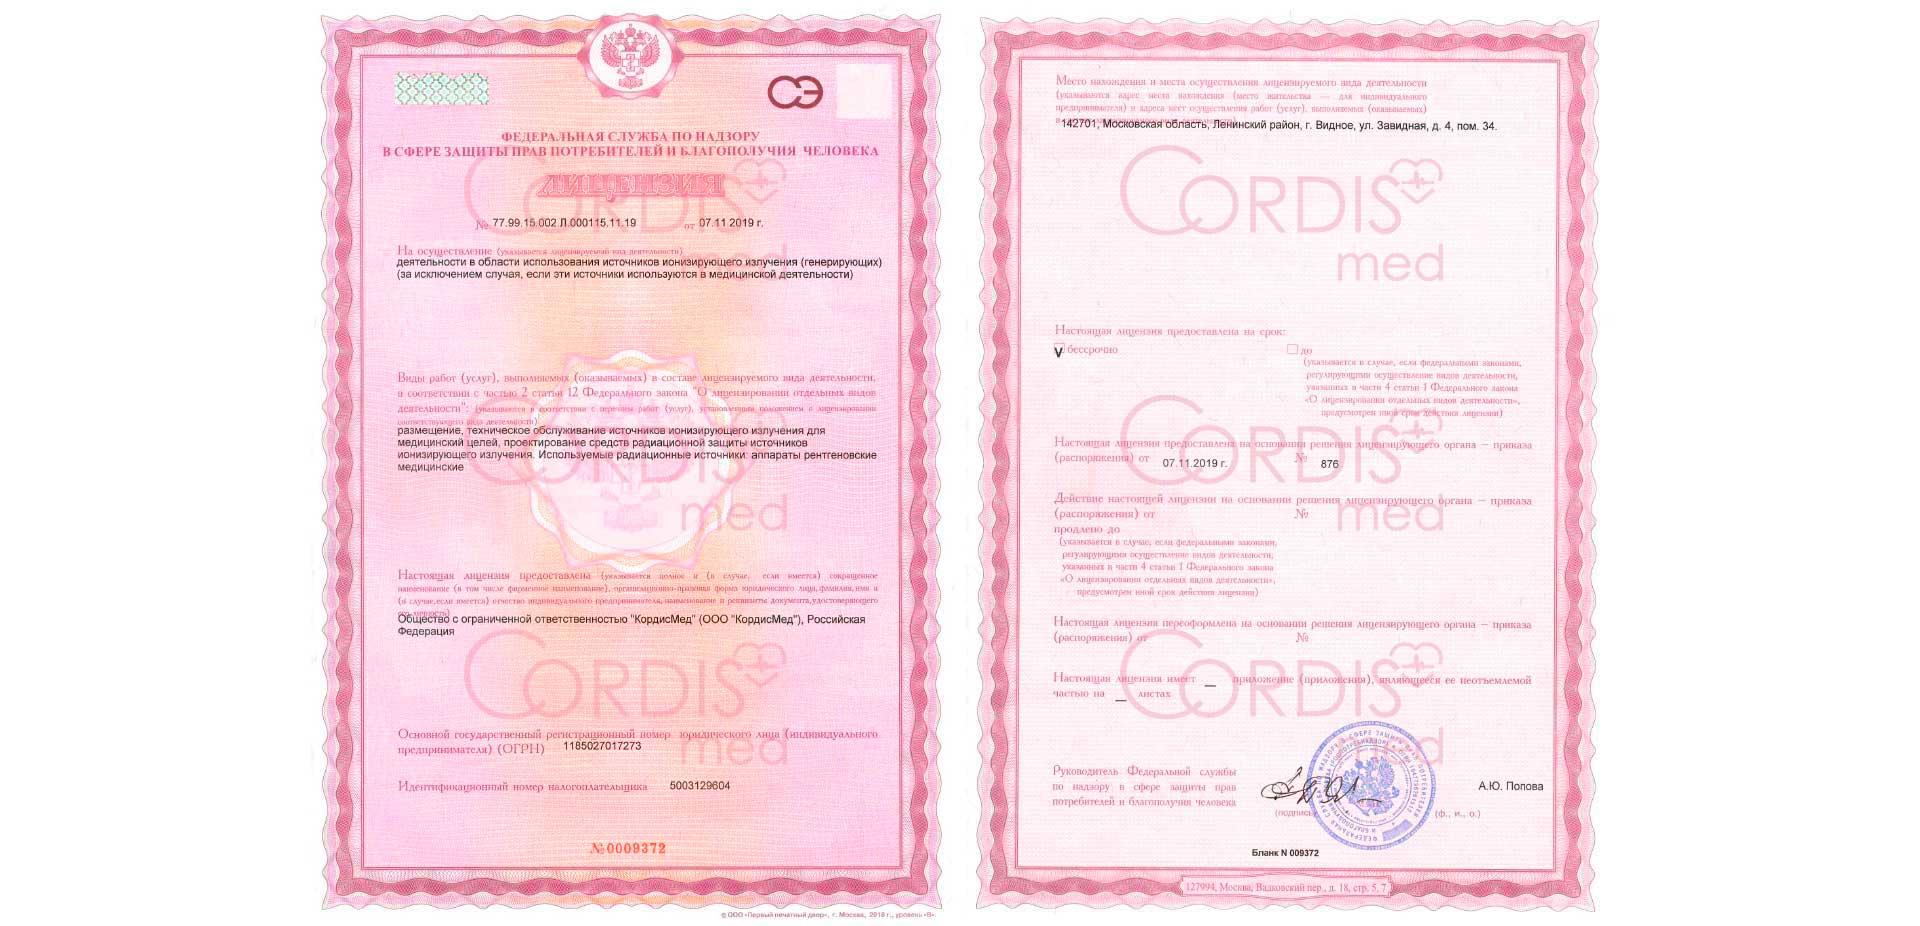 Лицензия ИИИ № 77.99.15.002.Л.000115.11.19